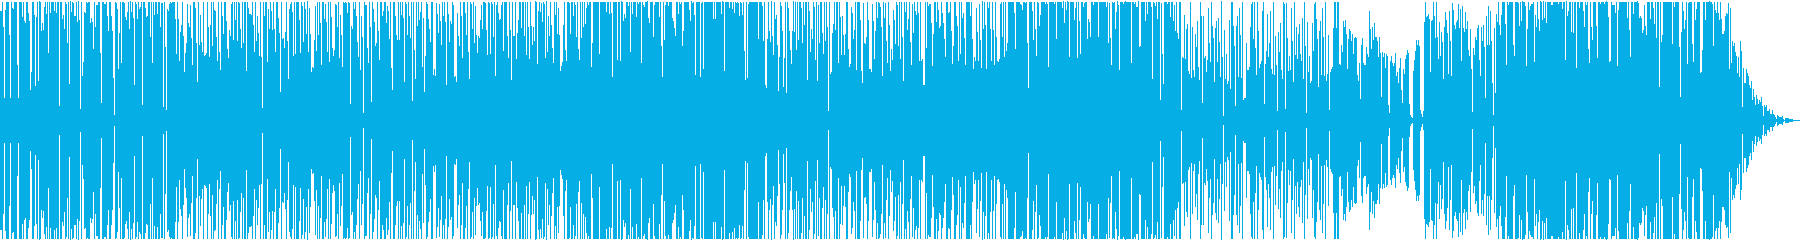 ゆるかわラップ、癒し系ネオソウルの再生済みの波形